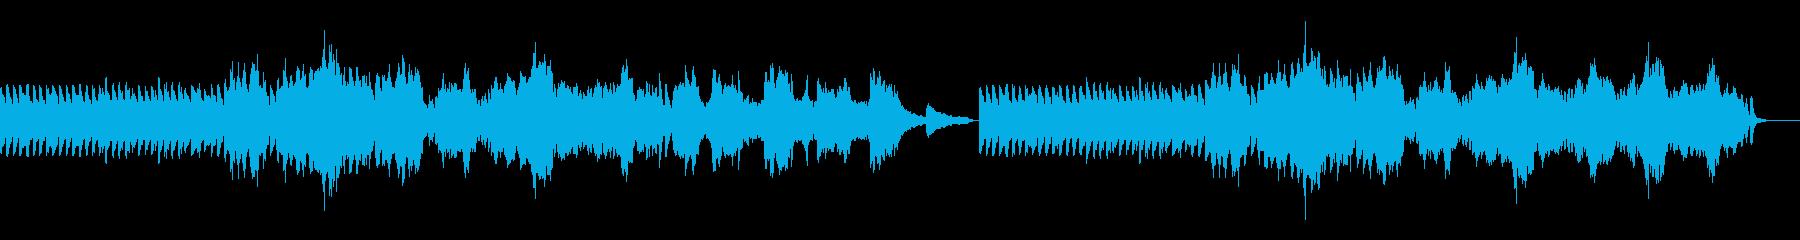 ヴァイオリンの感傷的な音楽の再生済みの波形